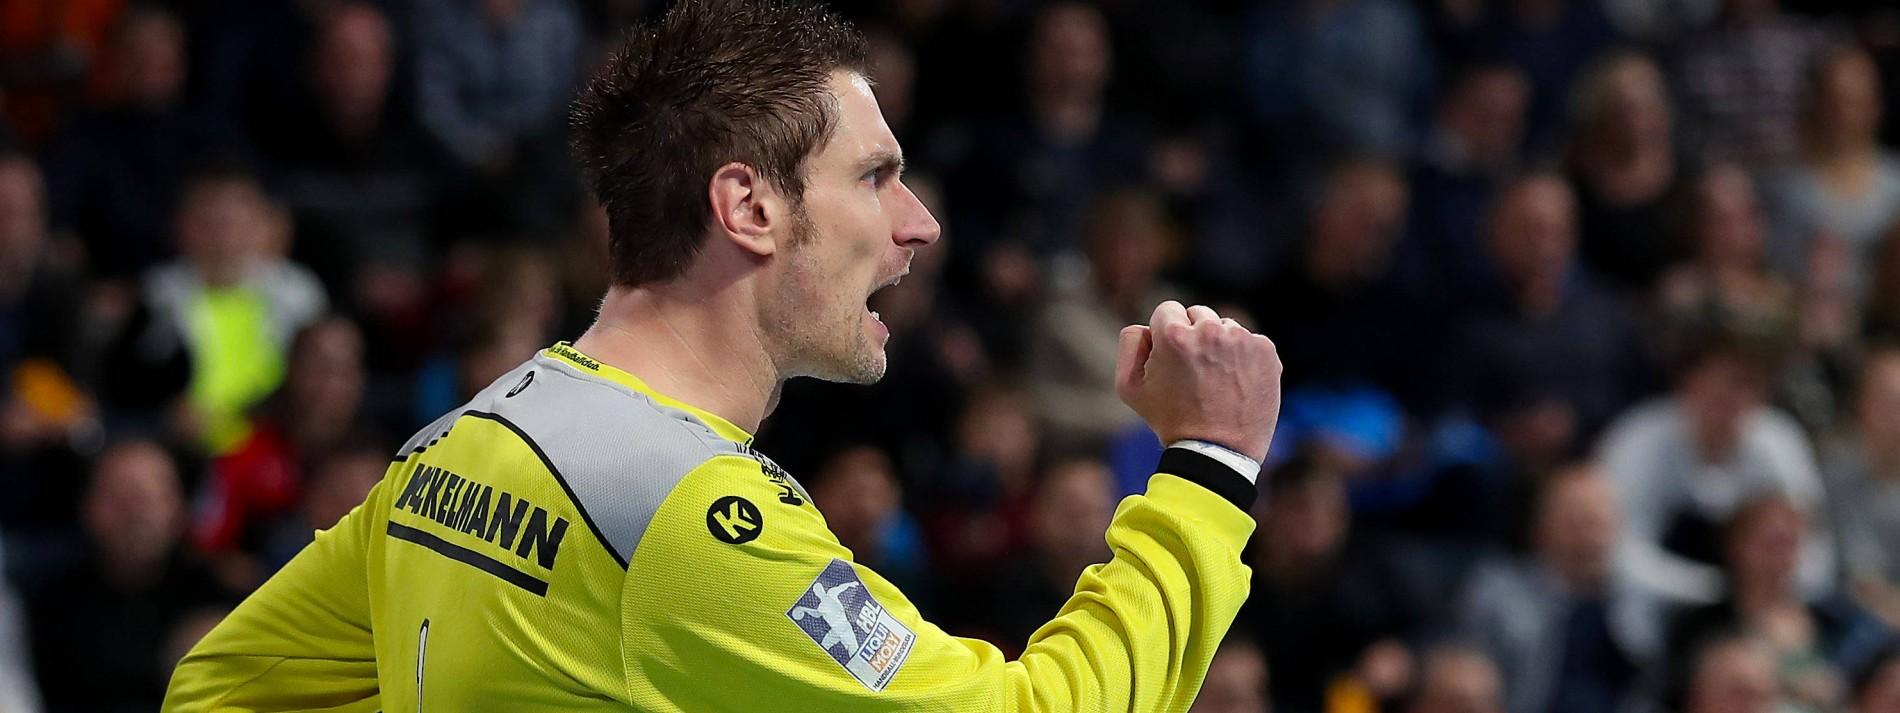 Ein neuer Rekordspieler in der Handball-Bundesliga